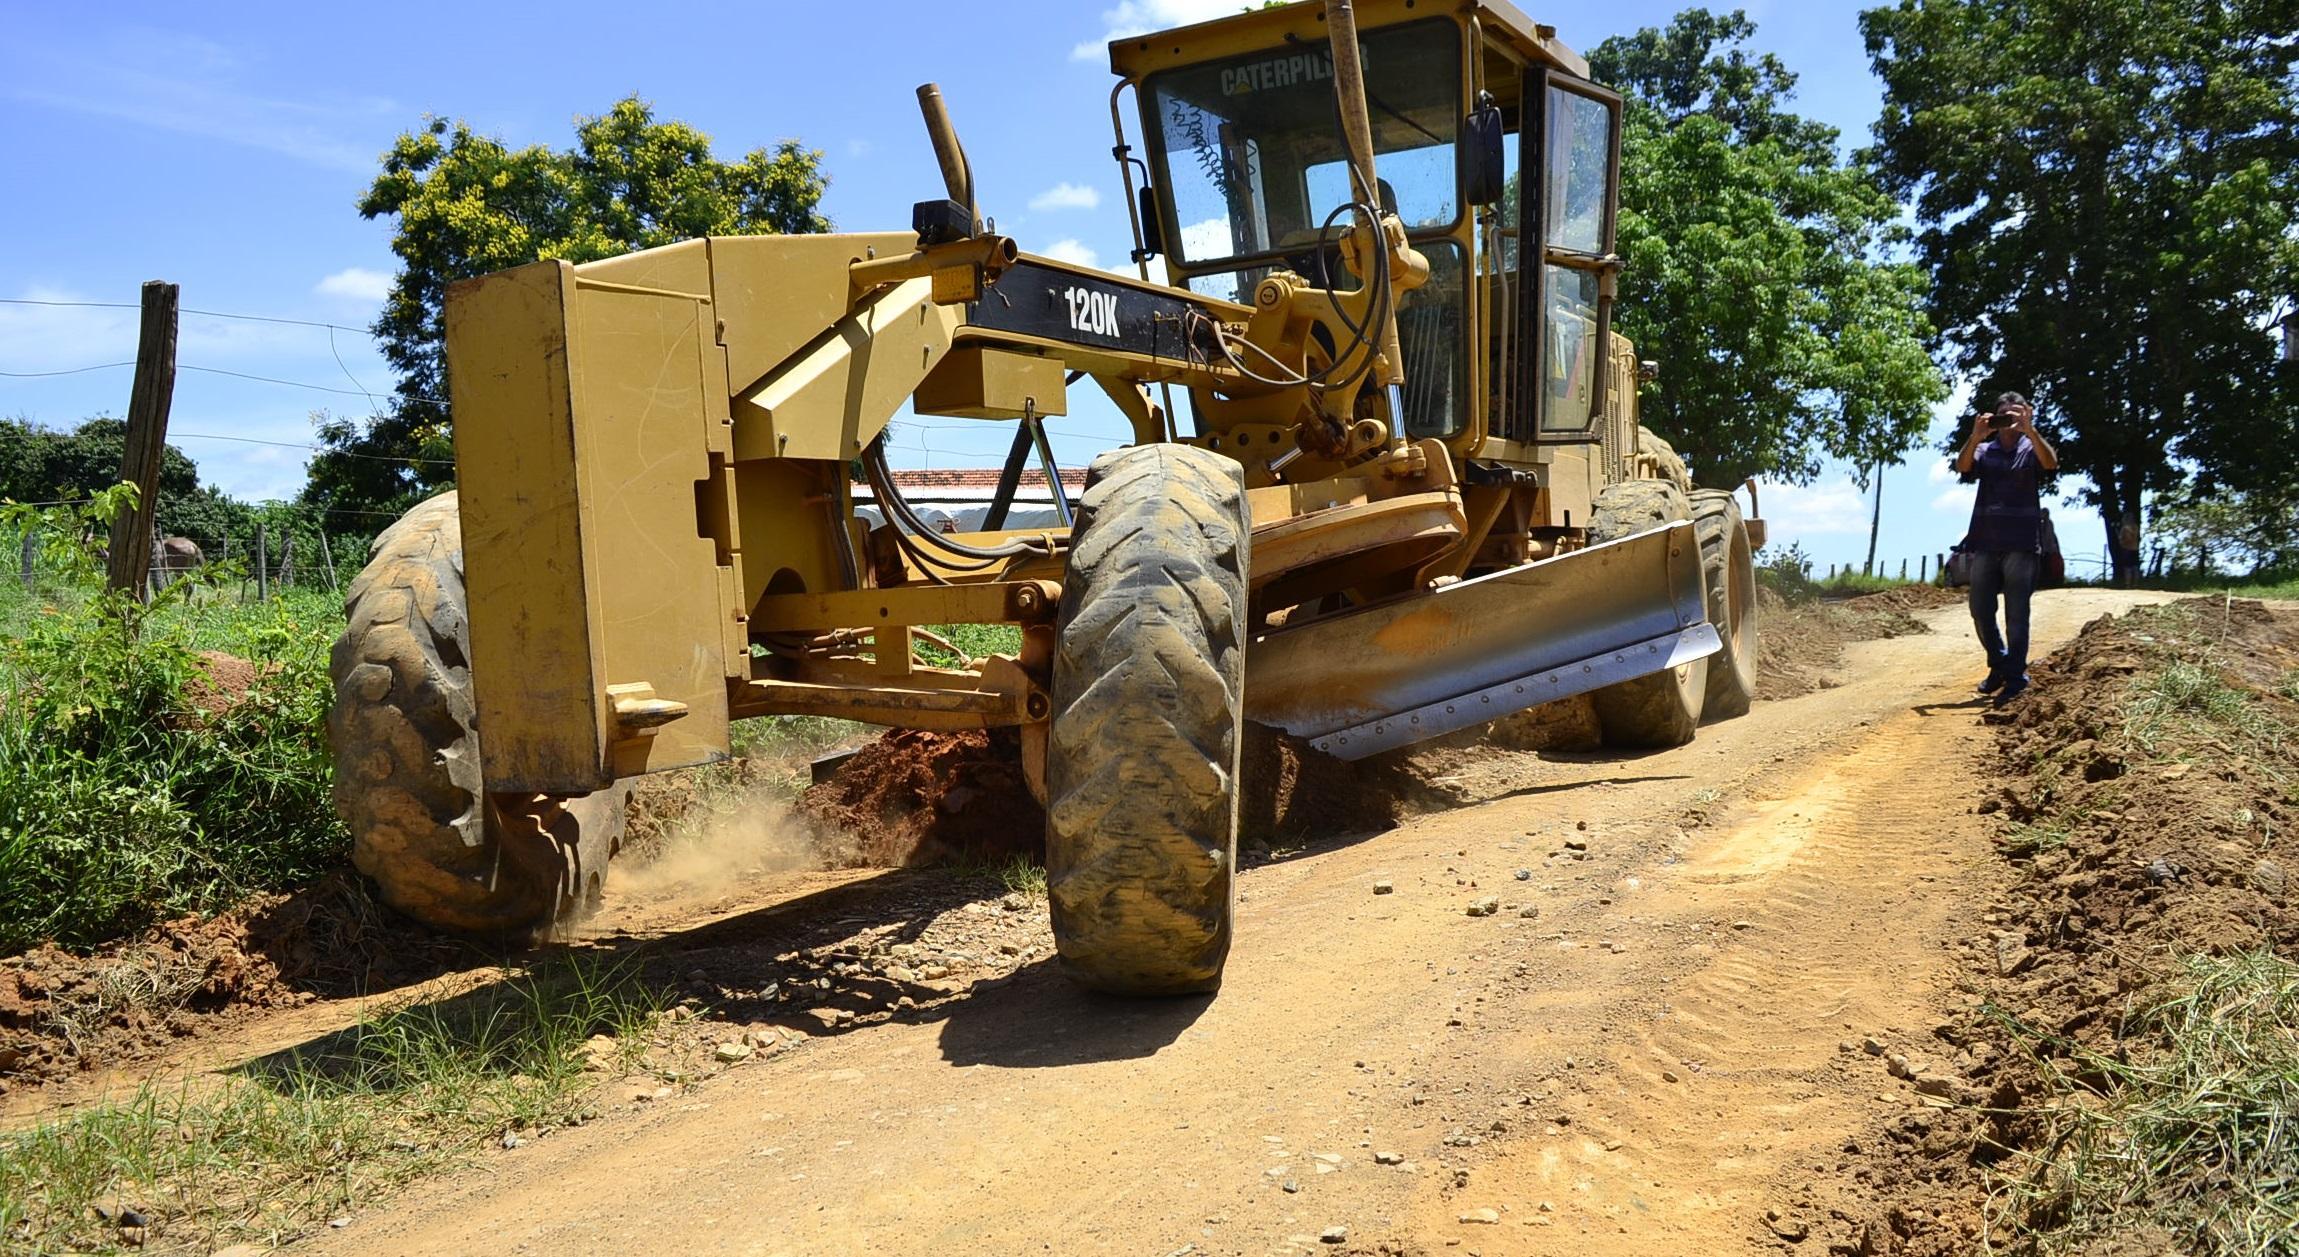 Imagem de destaque Prefeitura compra quatro novas motoniveladoras para manutenção de estradas rurais